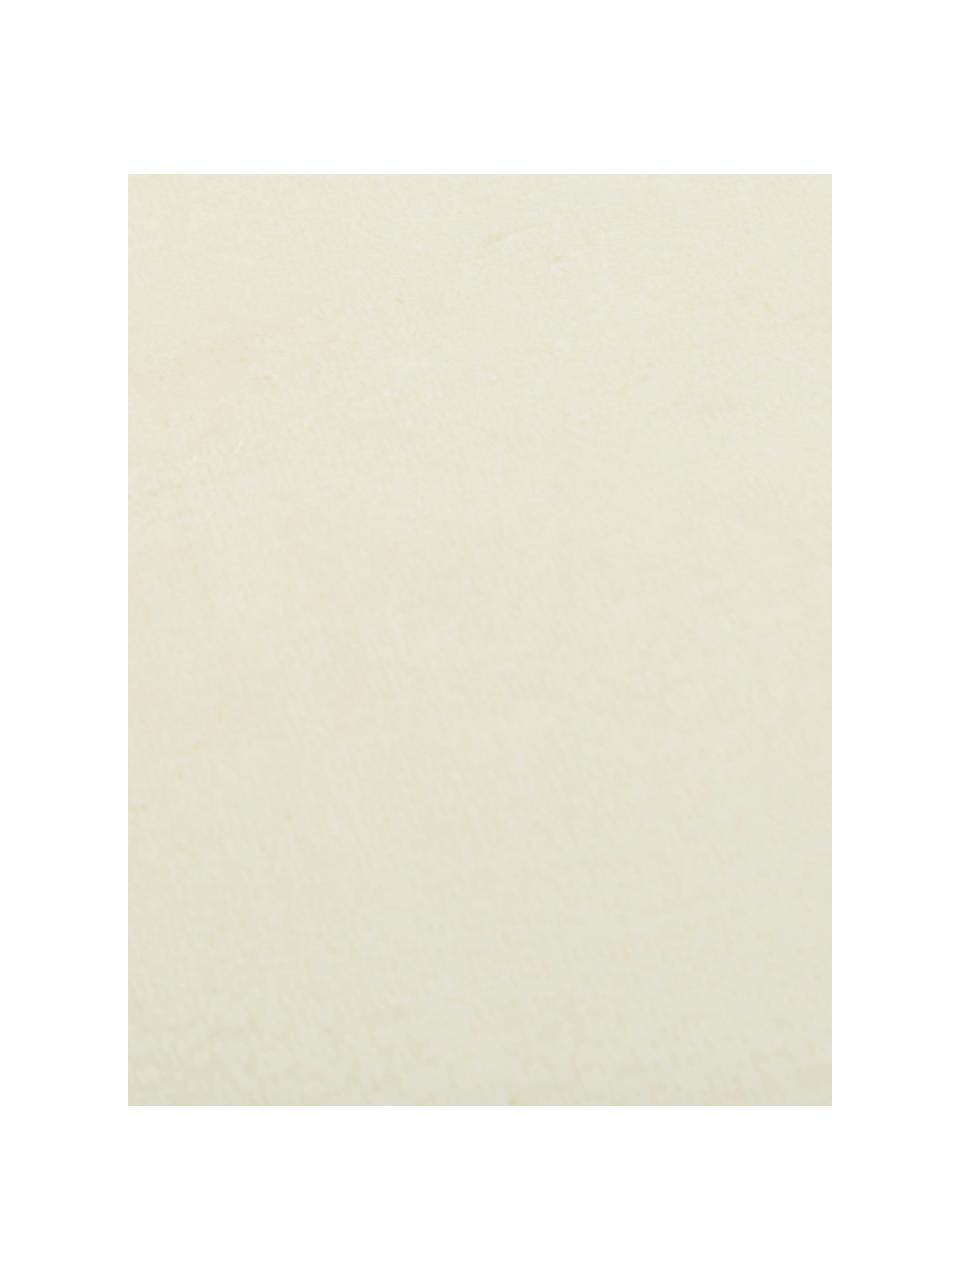 Kuscheldecke Doudou in Offwhite, 100% Polyester, Gebrochenes Weiß, 130 x 160 cm